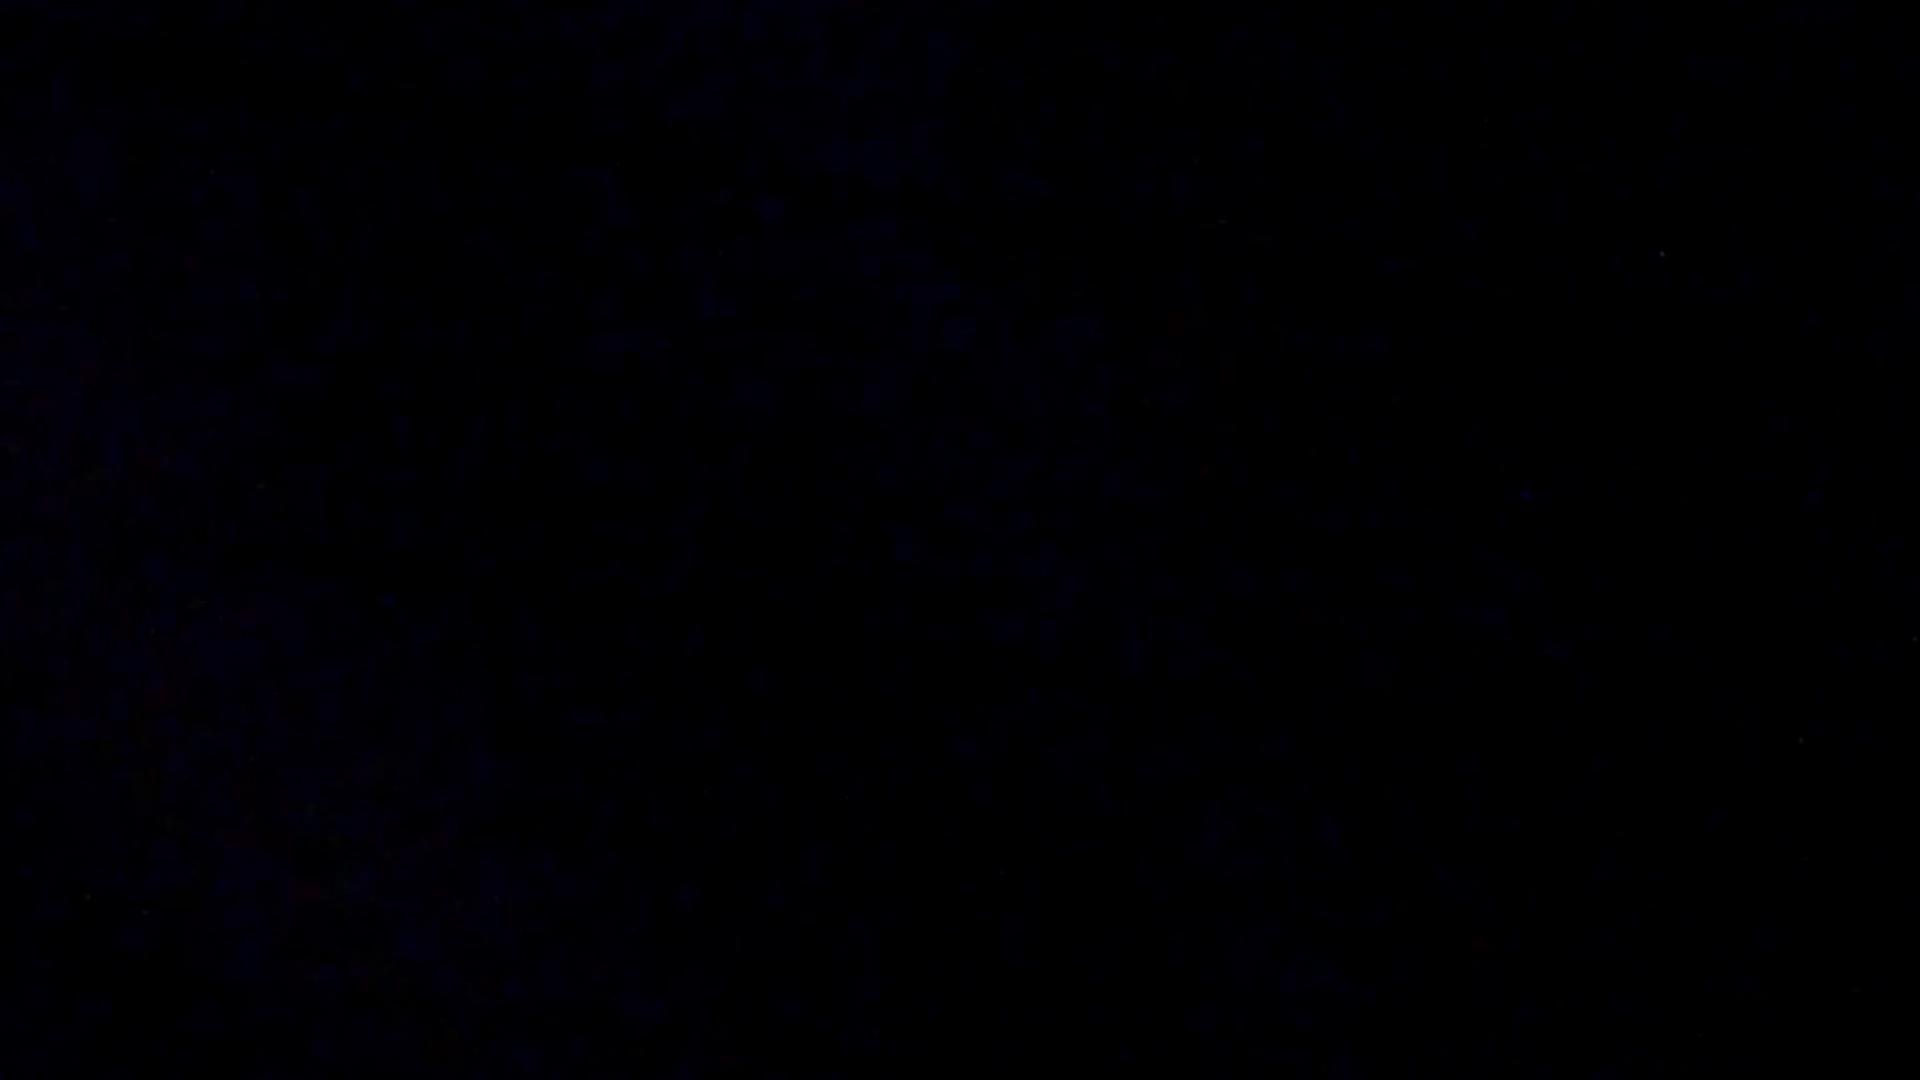 巨根 オナニー塾Vol.16 オナニー アダルトビデオ画像キャプチャ 106枚 73